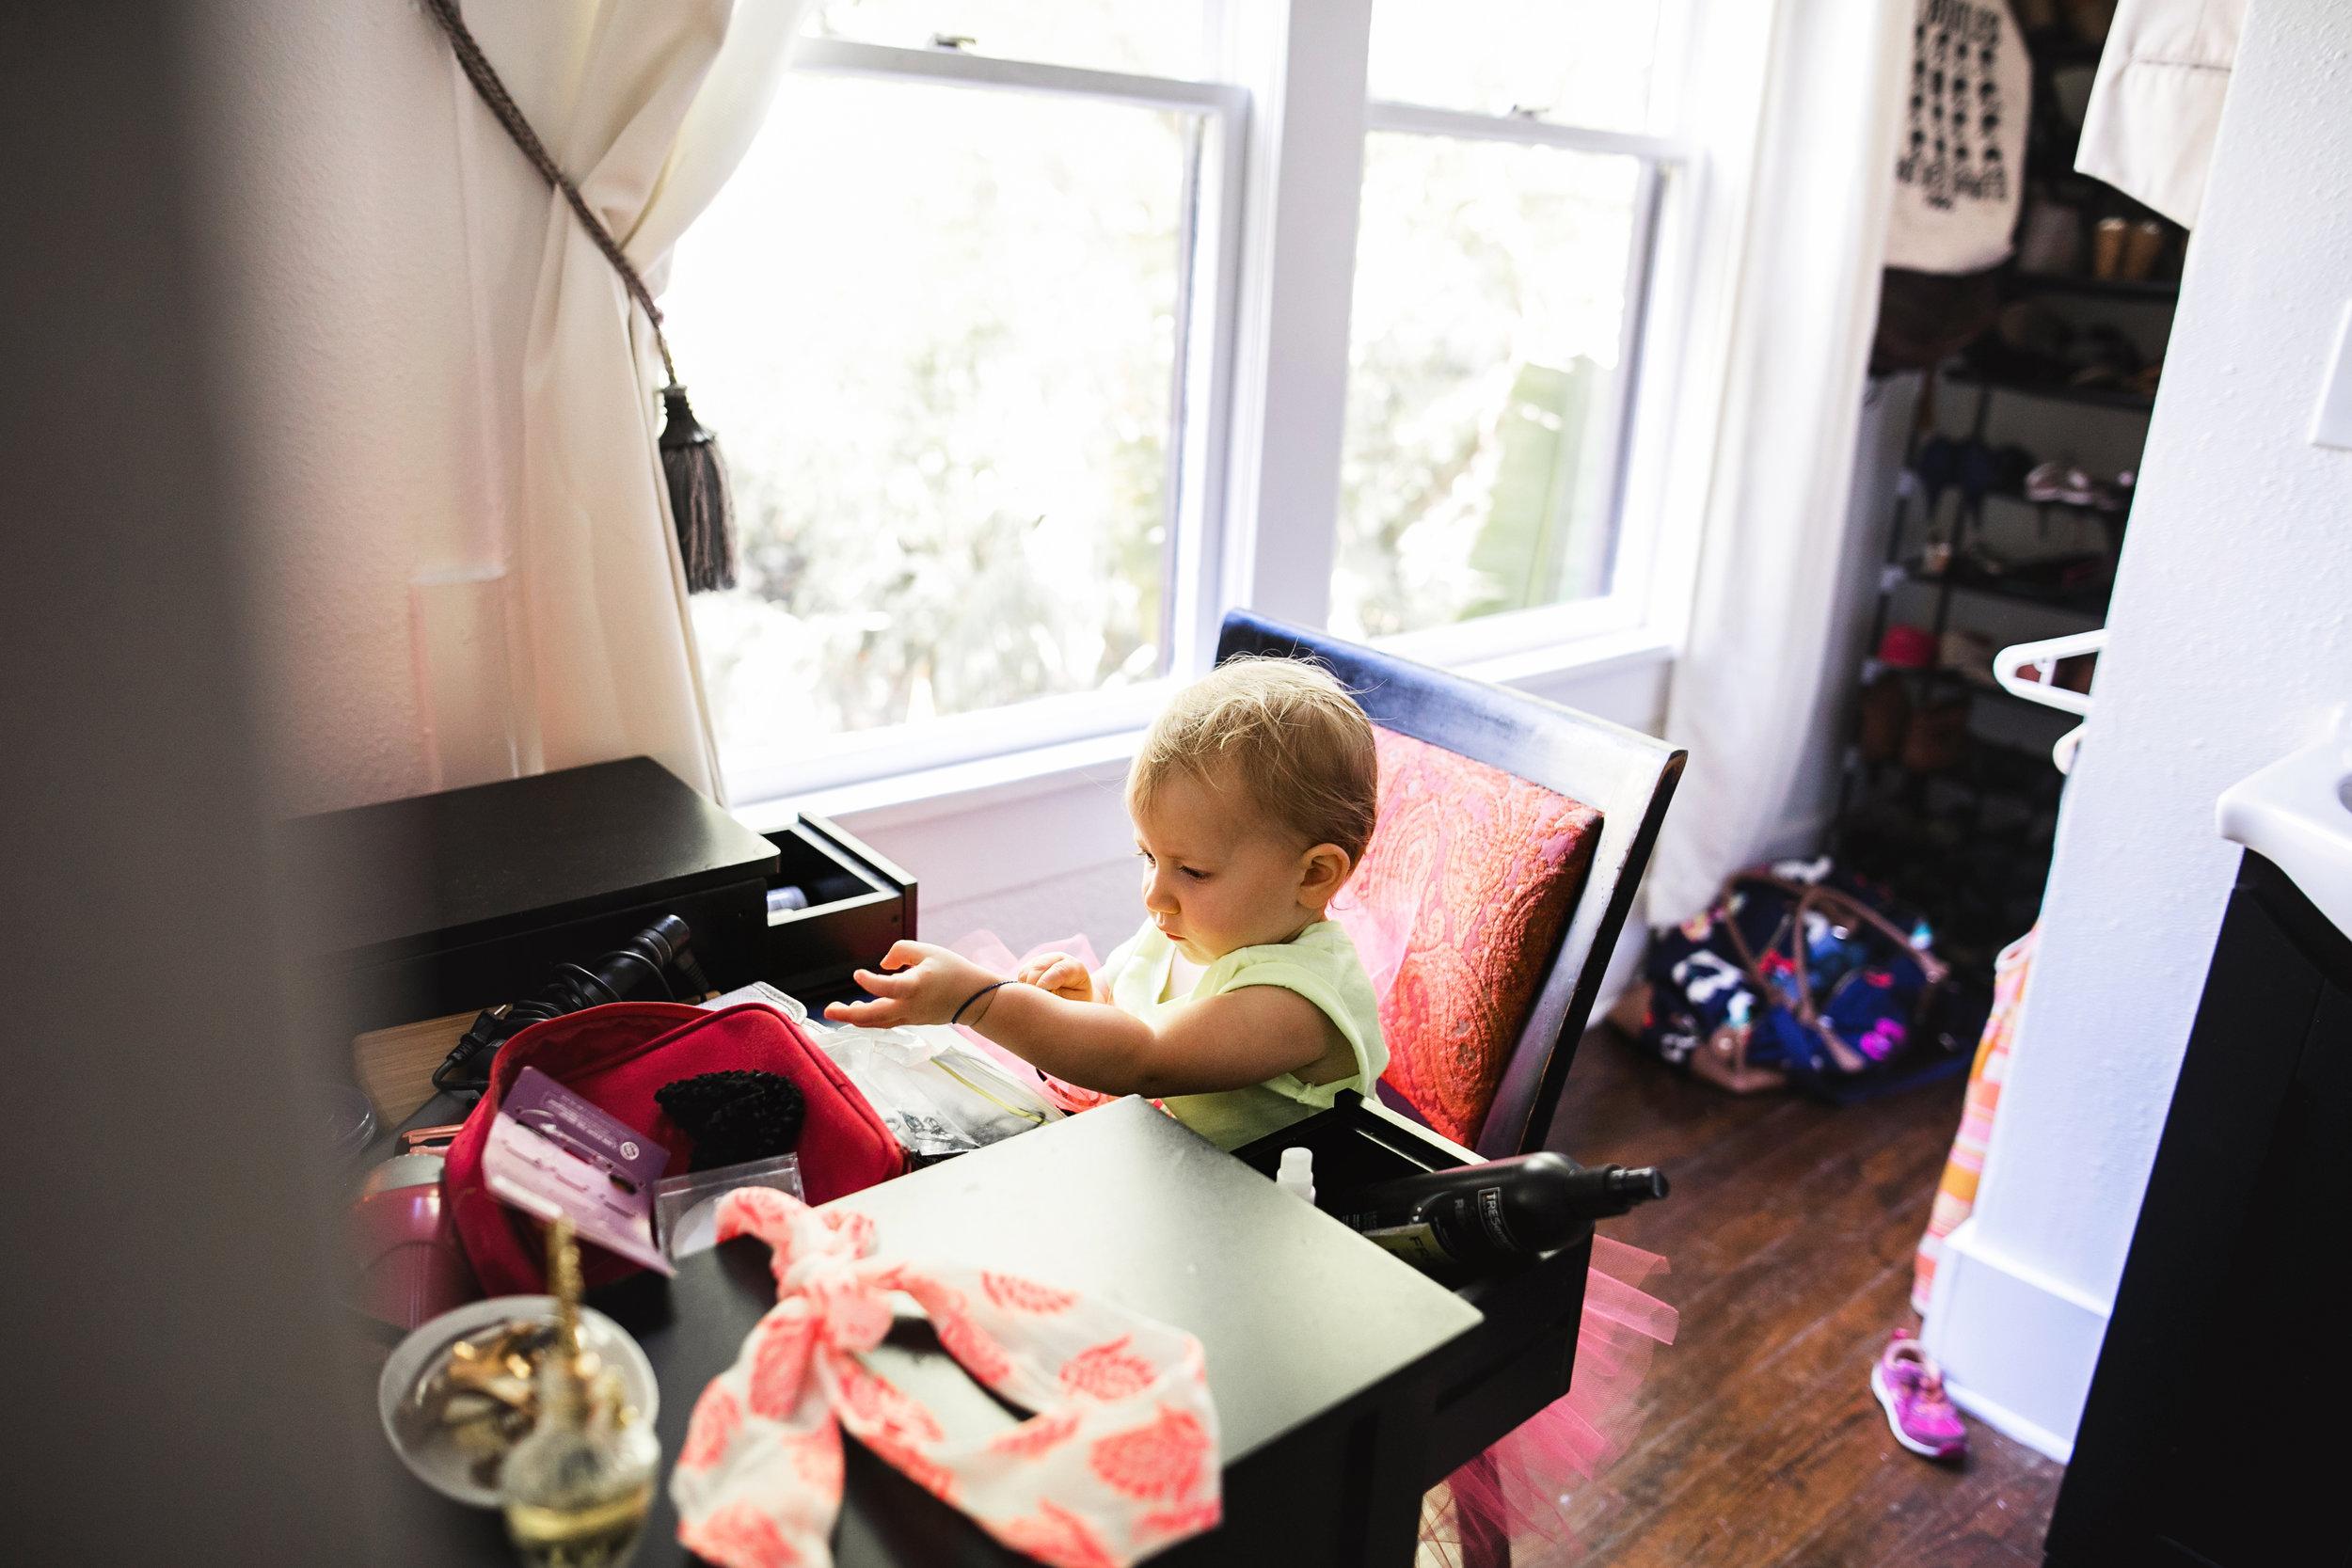 baby plays with hair ties at moms vanity-(ZF-0126-04493-1-047).jpg